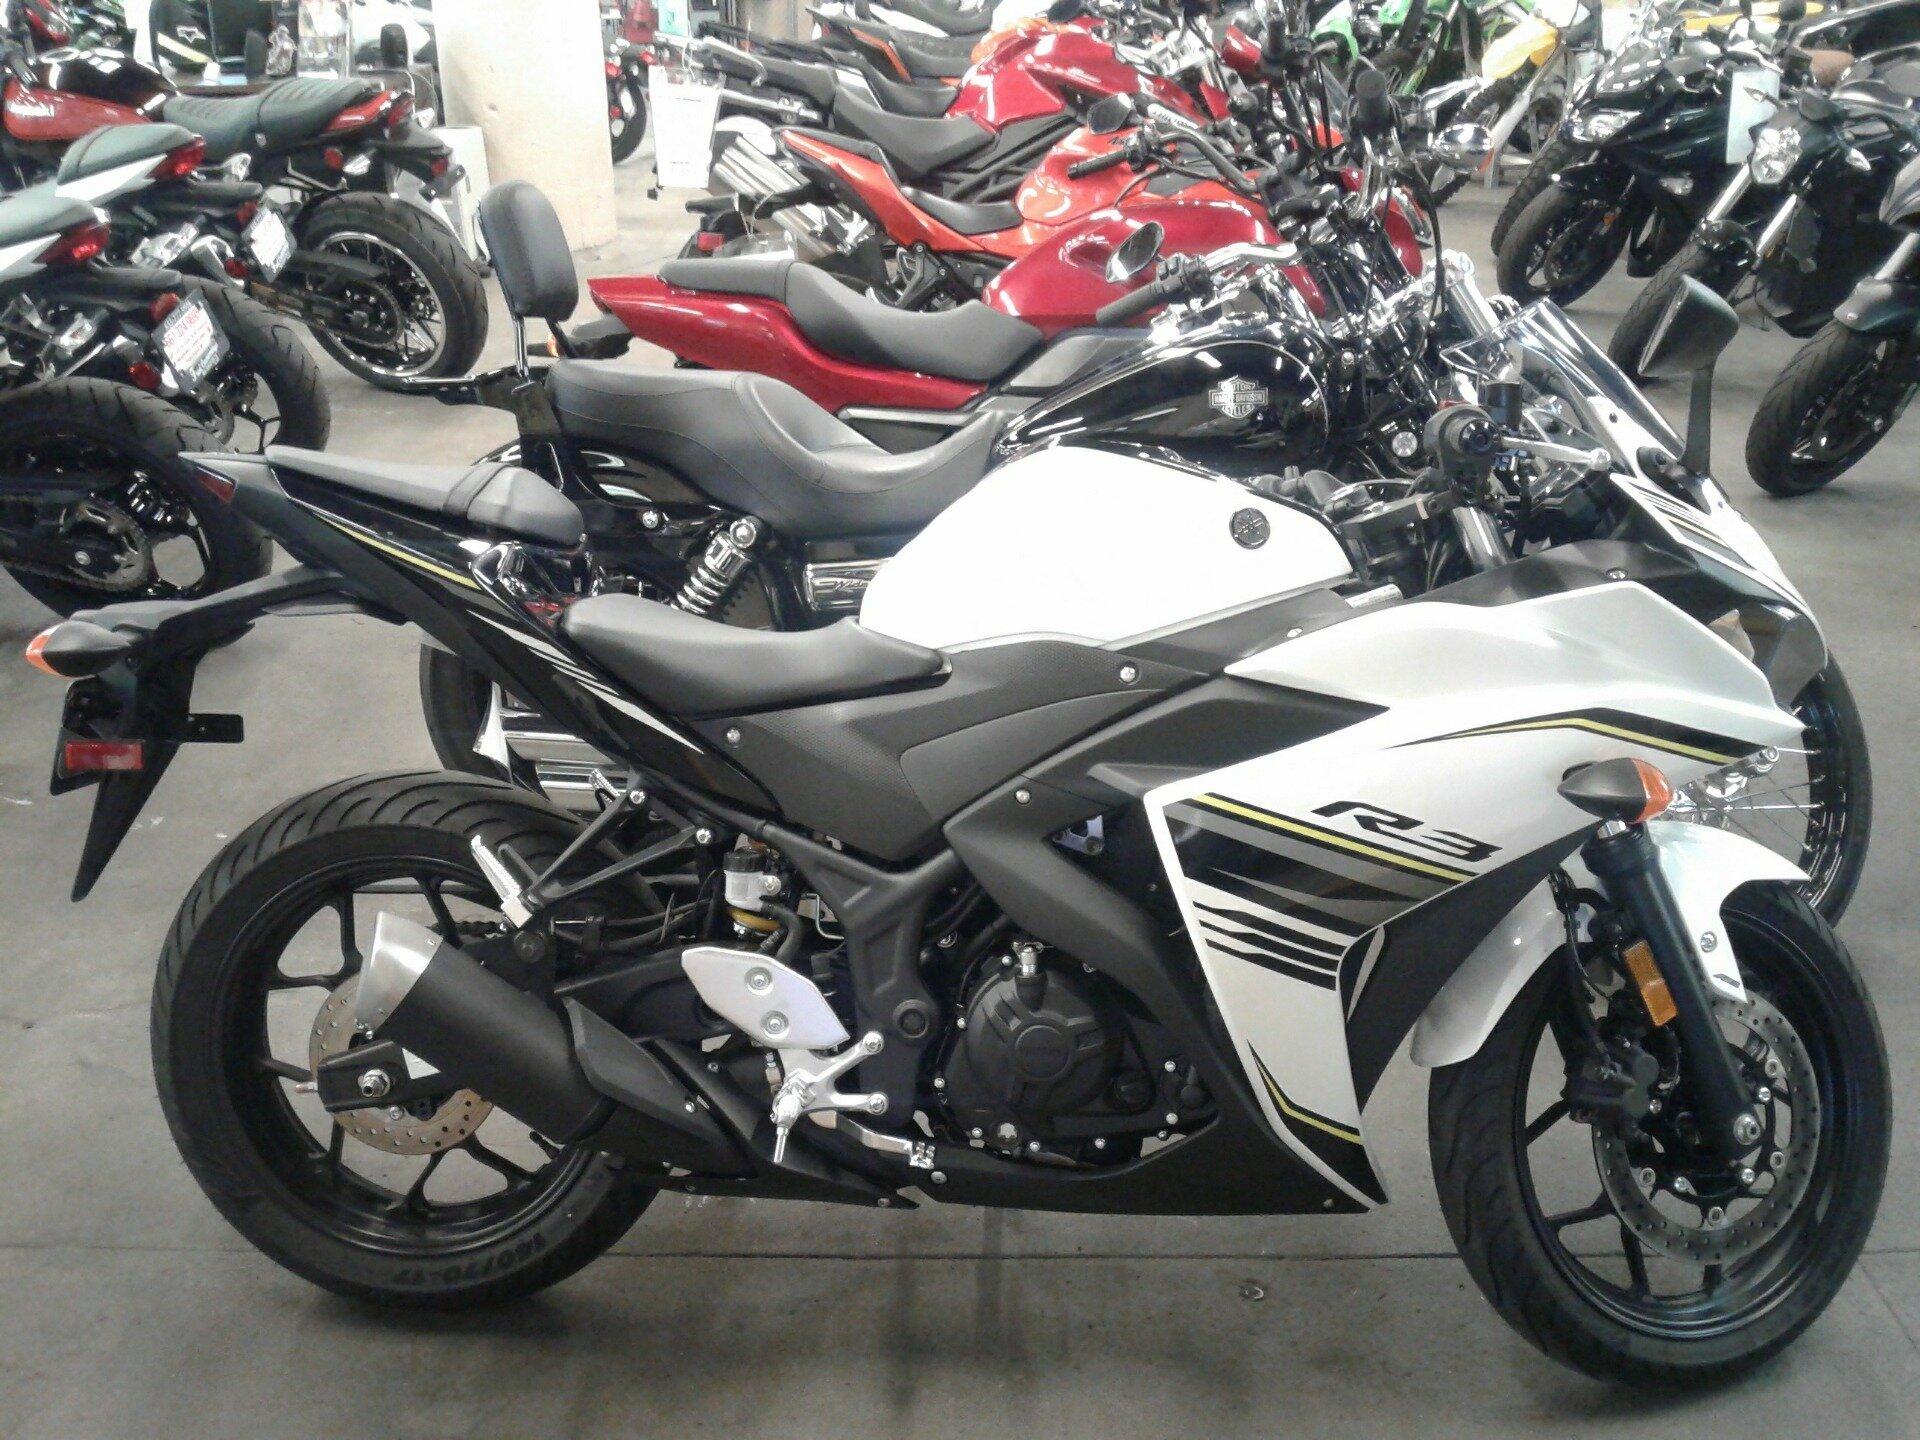 Kiểu dáng mới mẻ và động cơ cải tiến của Yamaha R3